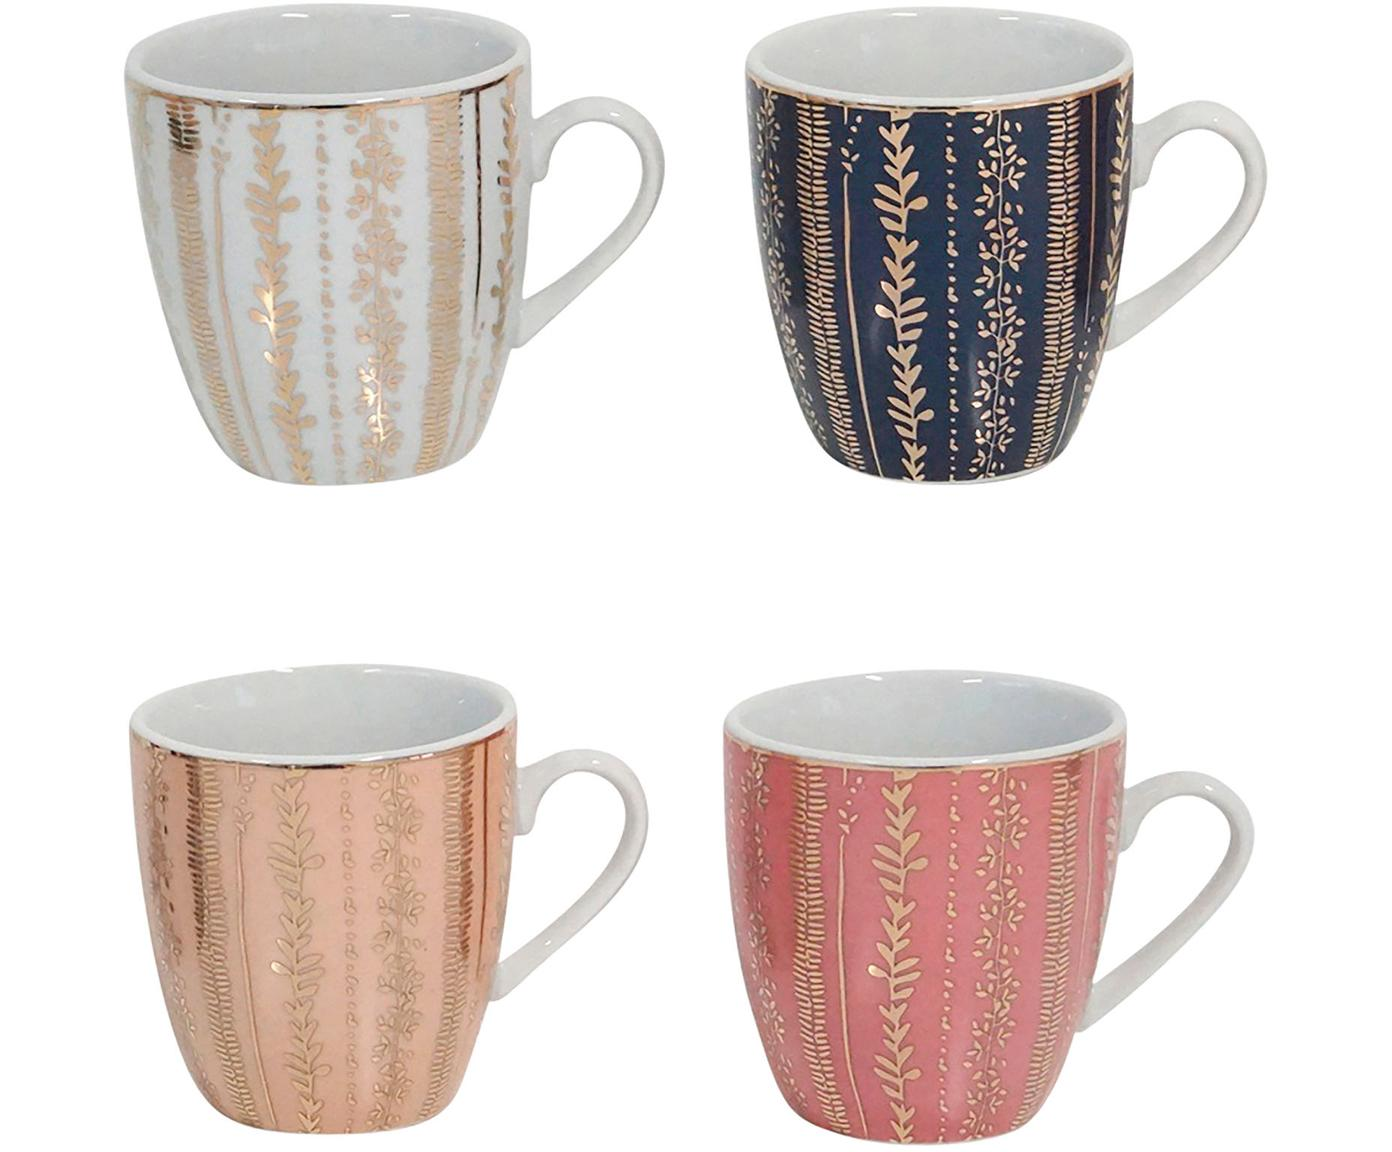 Kaffeetassen-Set Veg-Gold, 4 Stück, Porzellan, Rosa, Blau, Ø 7 x H 8 cm